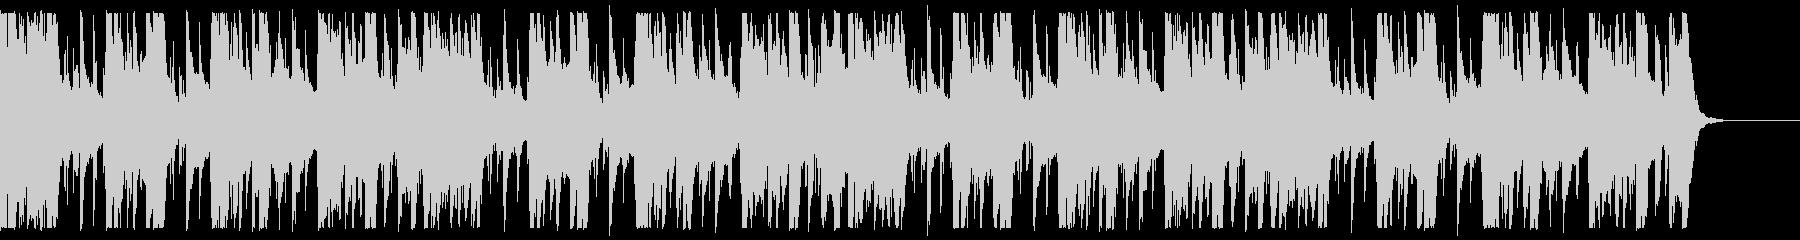 キラキラ/ローファイ_No593_5の未再生の波形